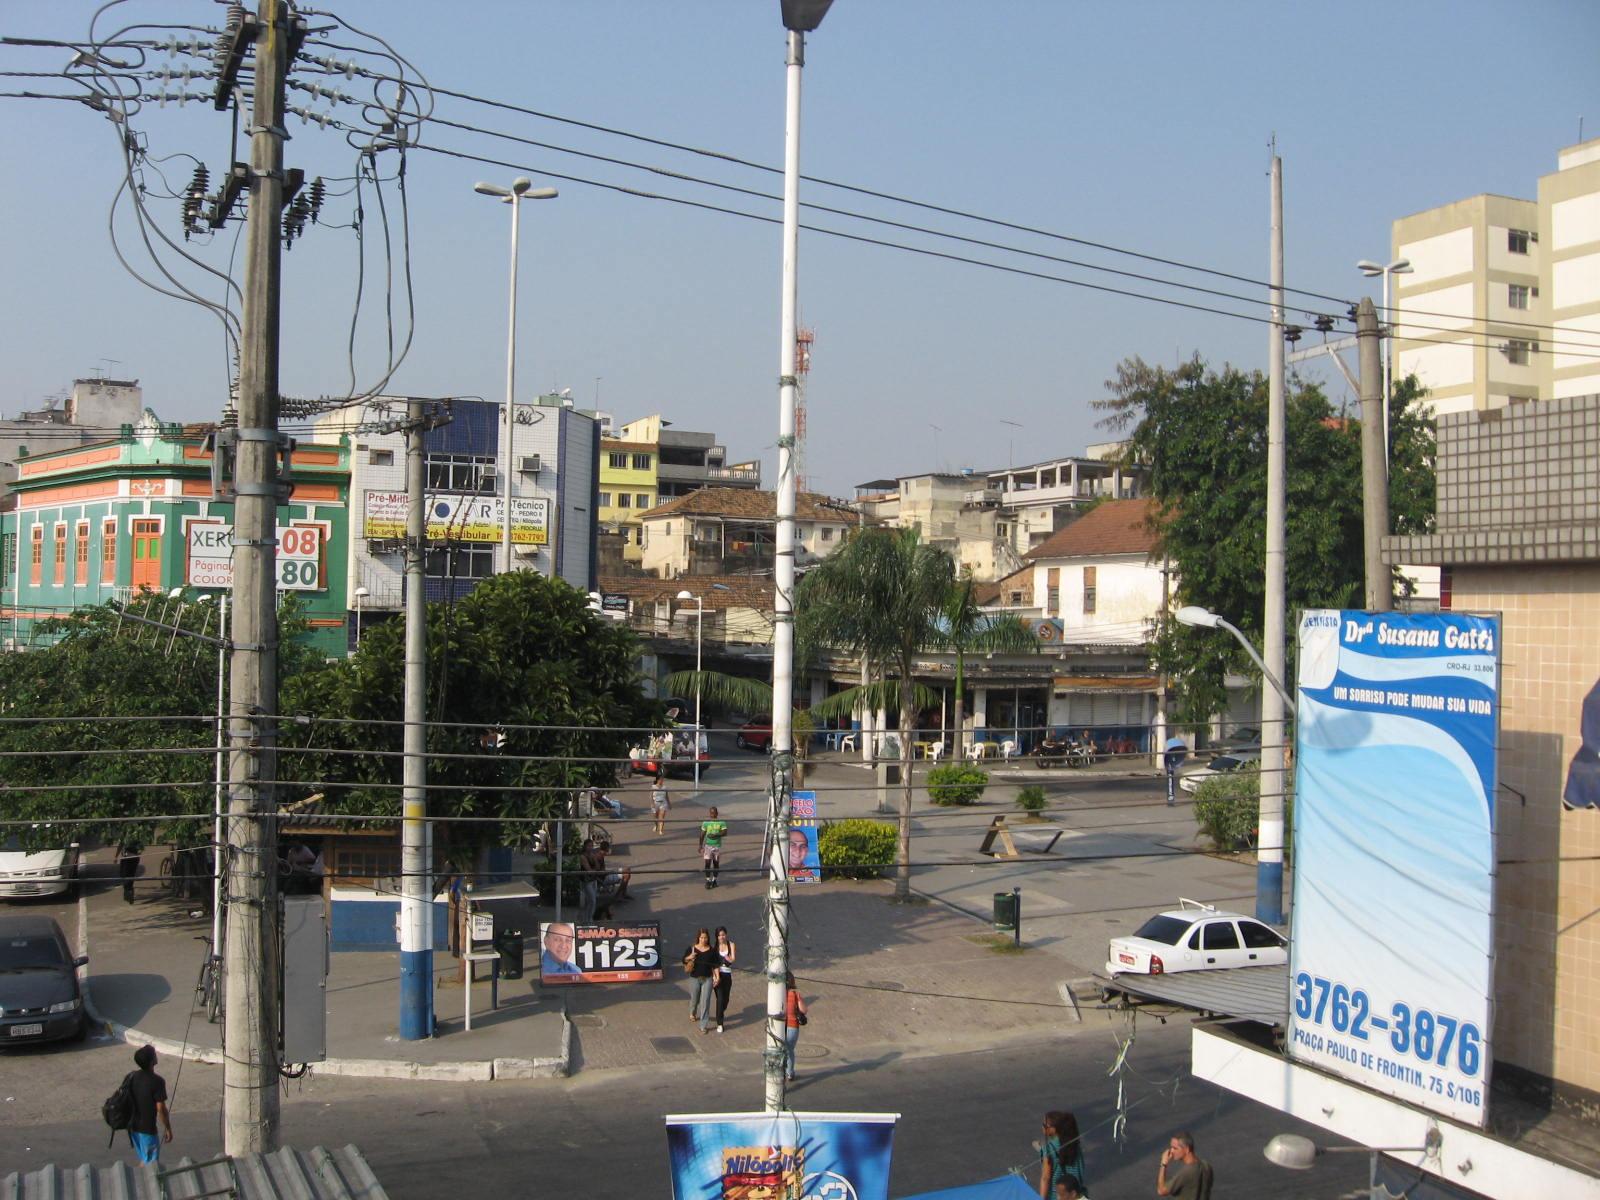 Nilópolis Rio de Janeiro fonte: upload.wikimedia.org